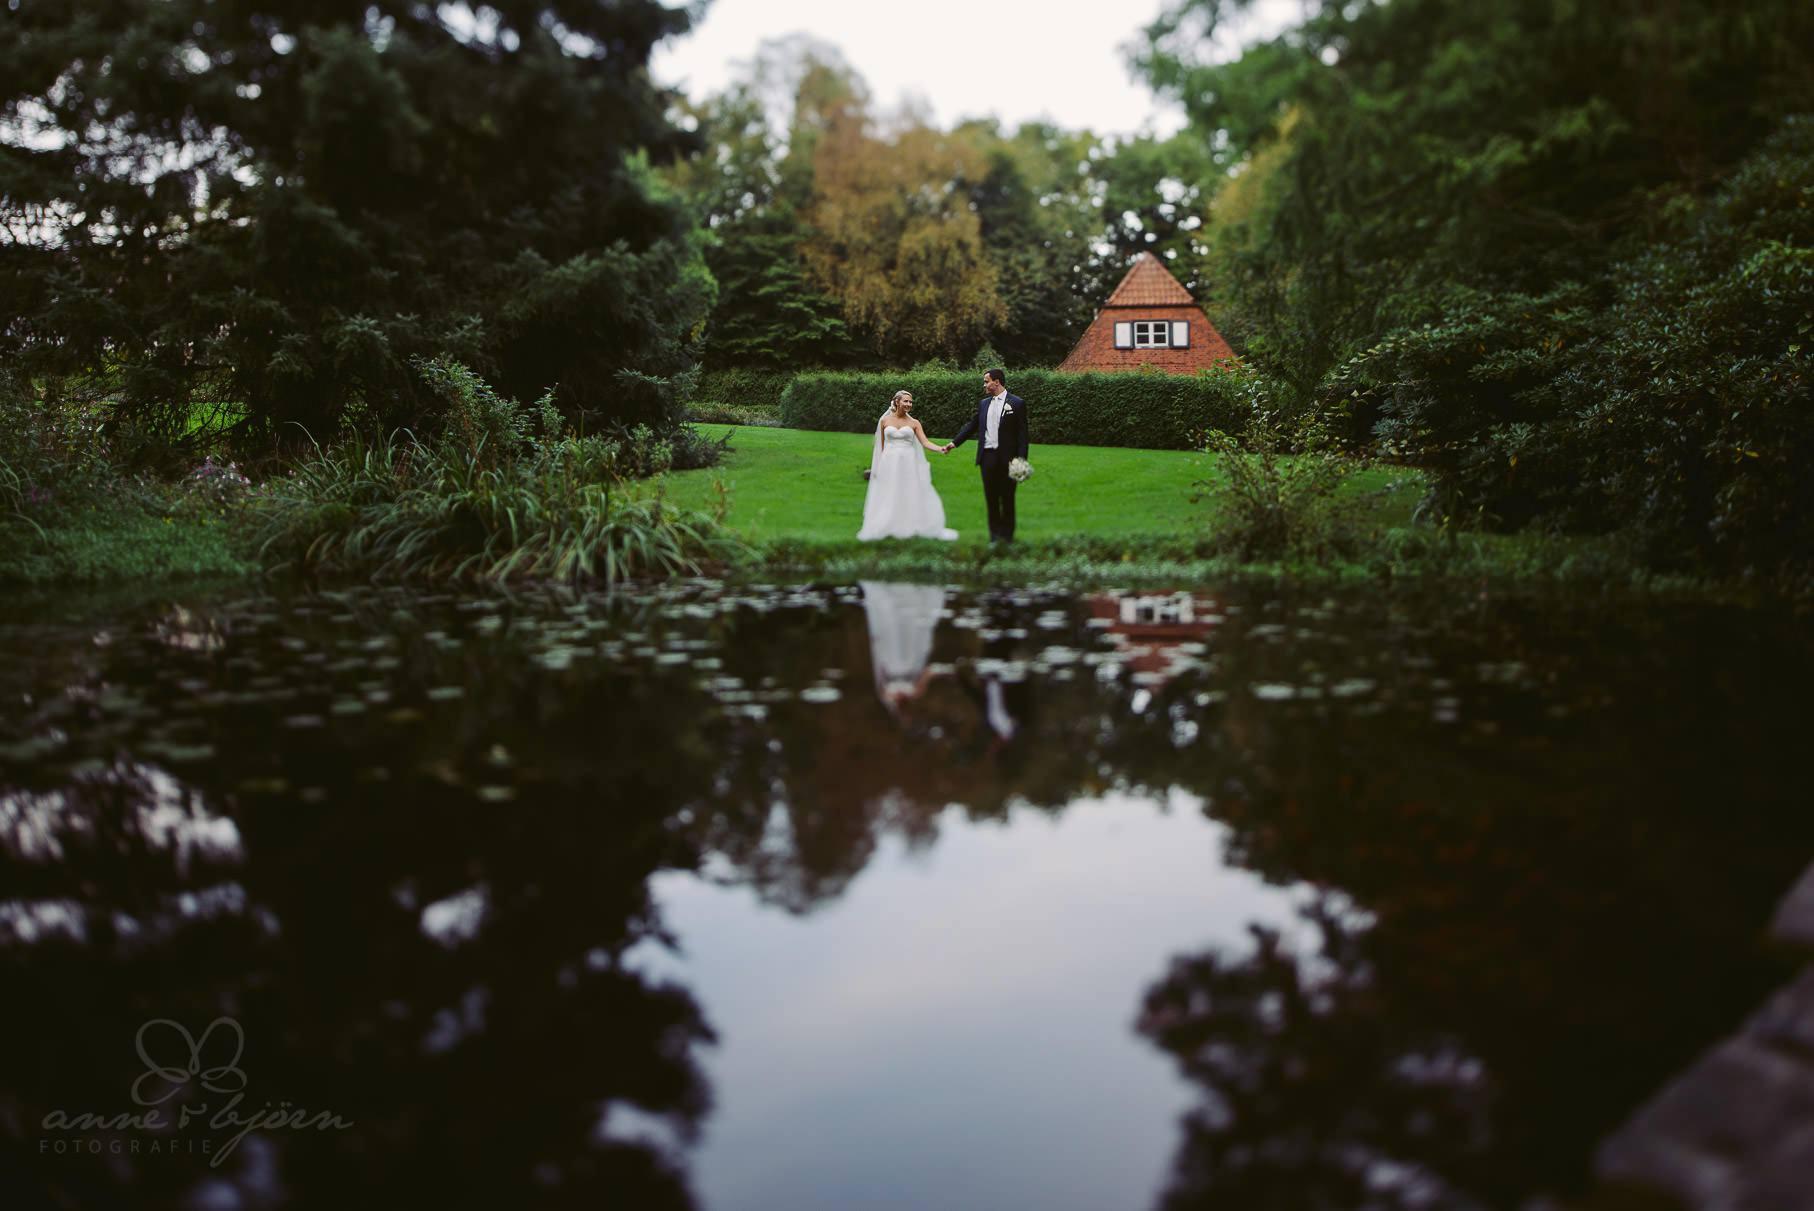 0050 euo 812 1503 bearbeitet - Hochzeit im Schloss Reinbek - Elvira & Olaf